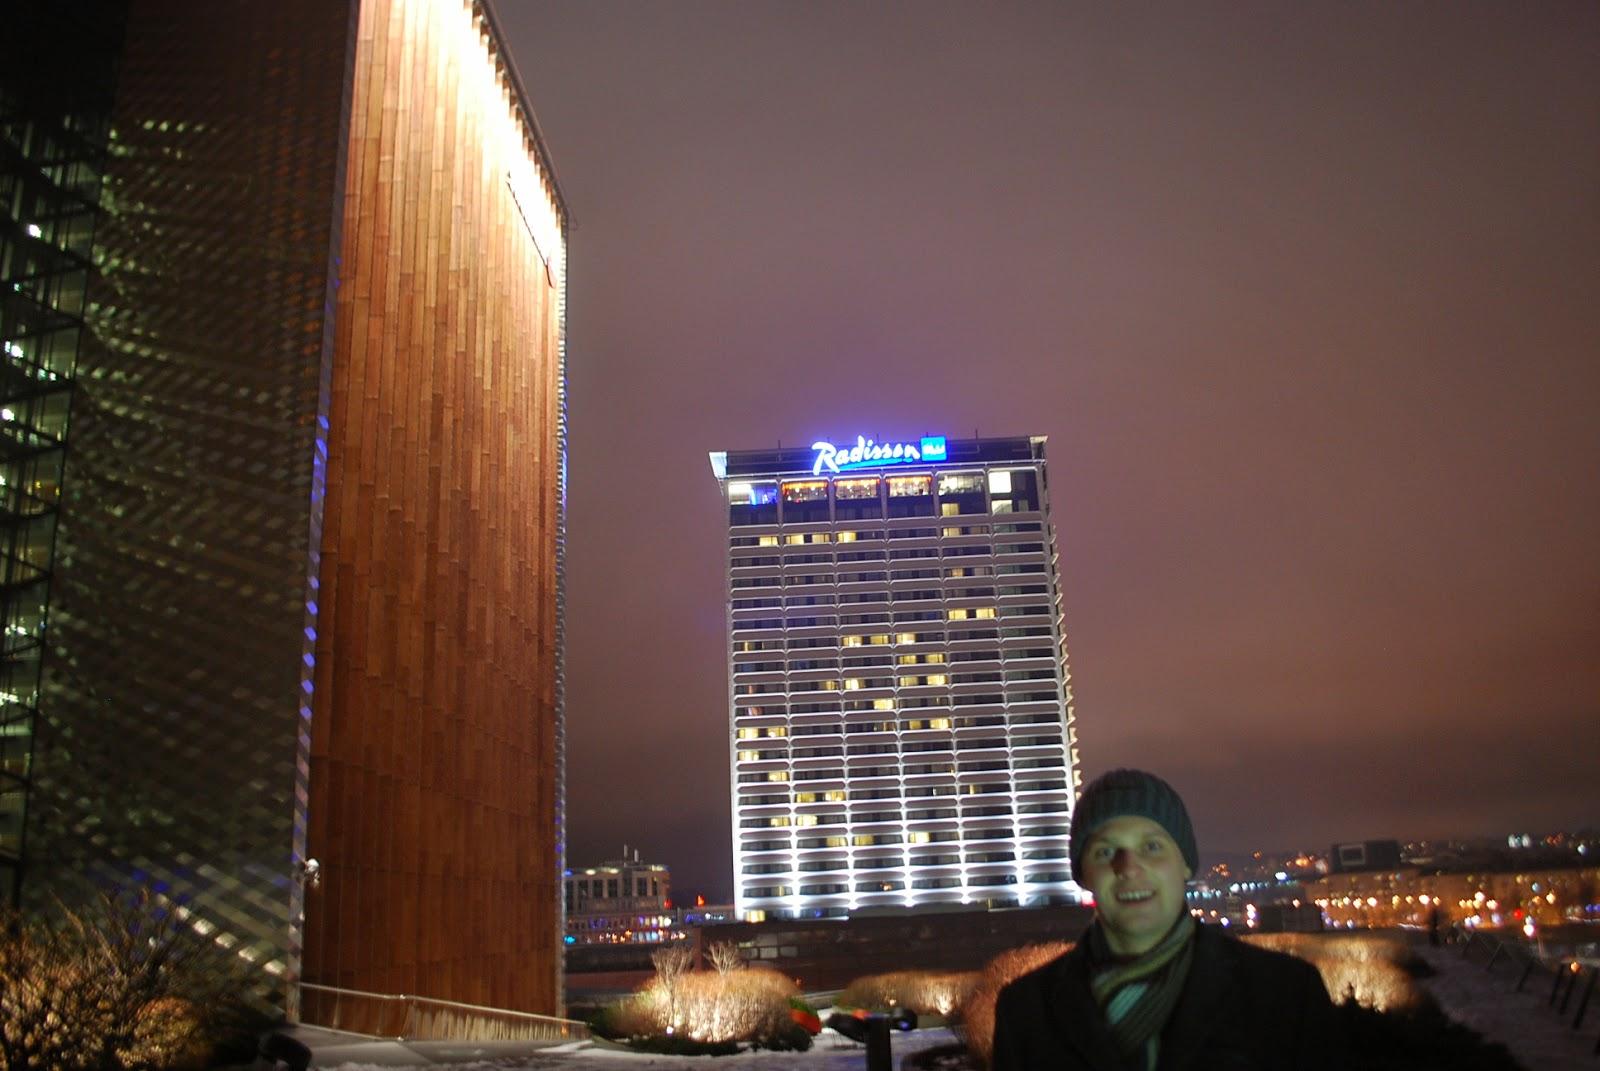 Игнас на фоне Сведбанка и Рэдиссон блю:)